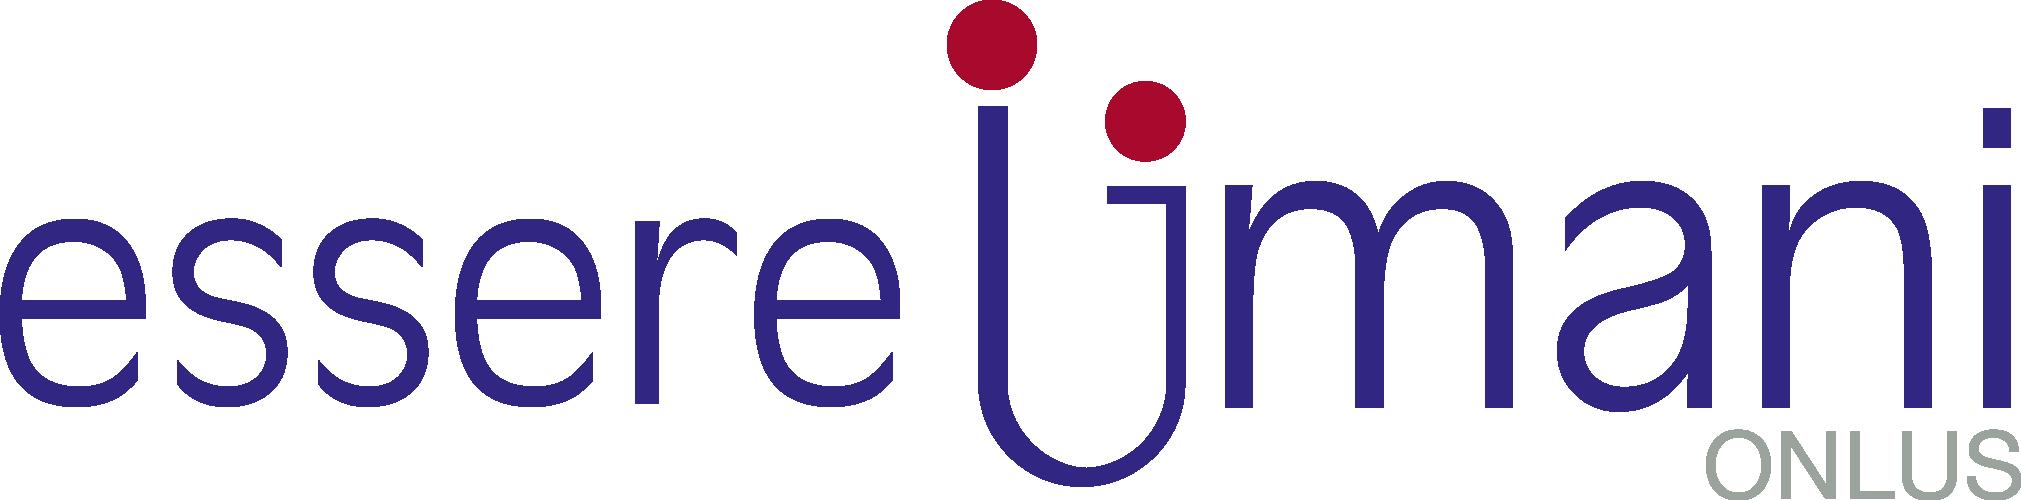 Logo Associazione Essere Umani